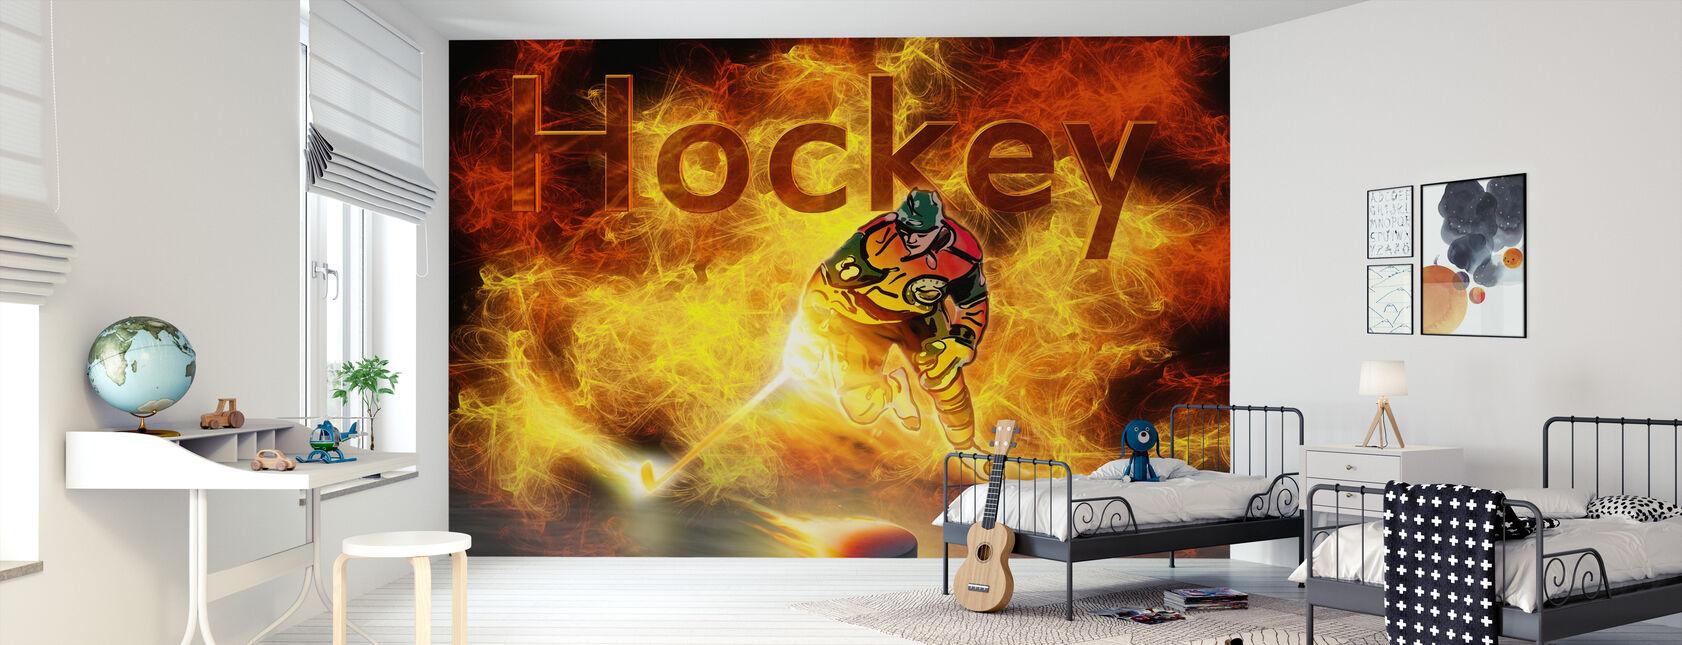 Hockeywärme - Tapete - Kinderzimmer